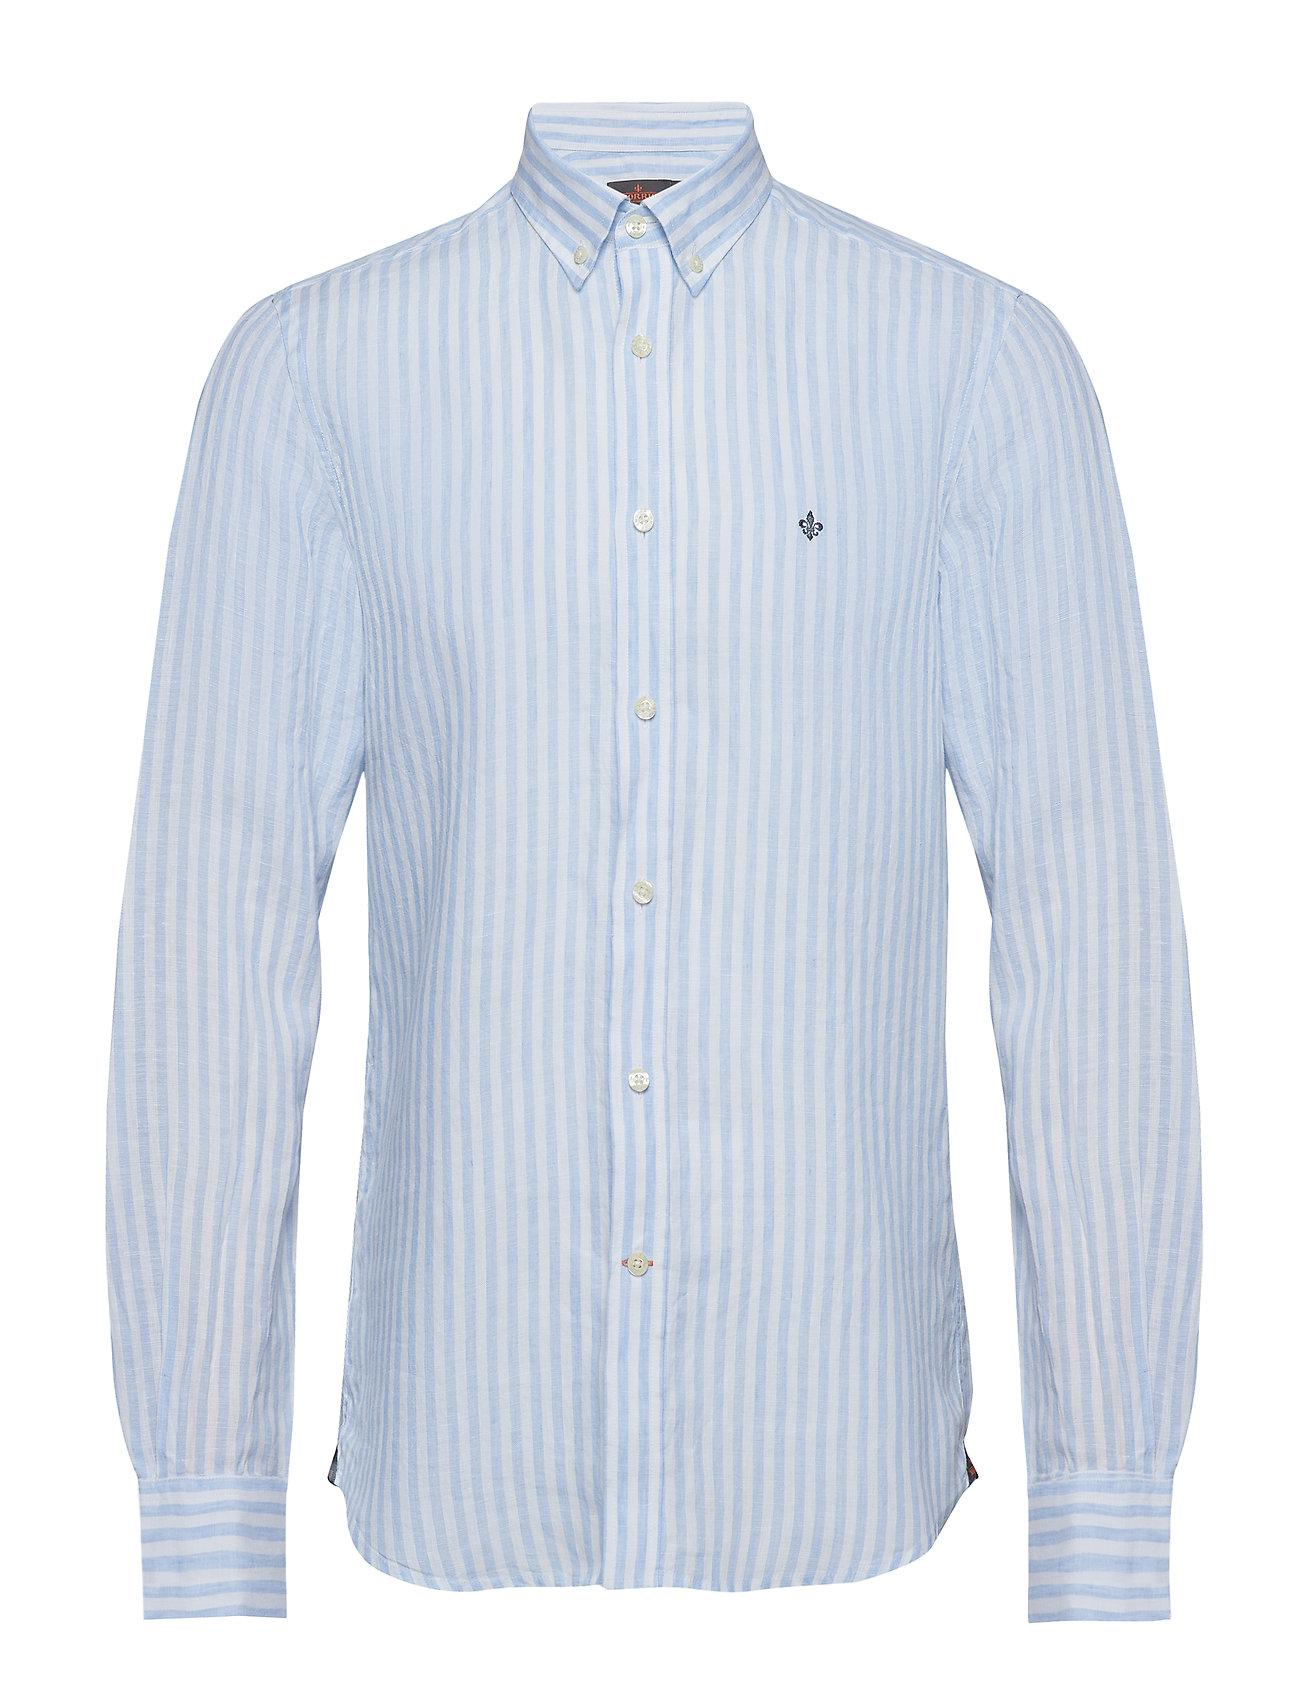 Morris Emanuel Button Down Shirt - LIGHT BLUE